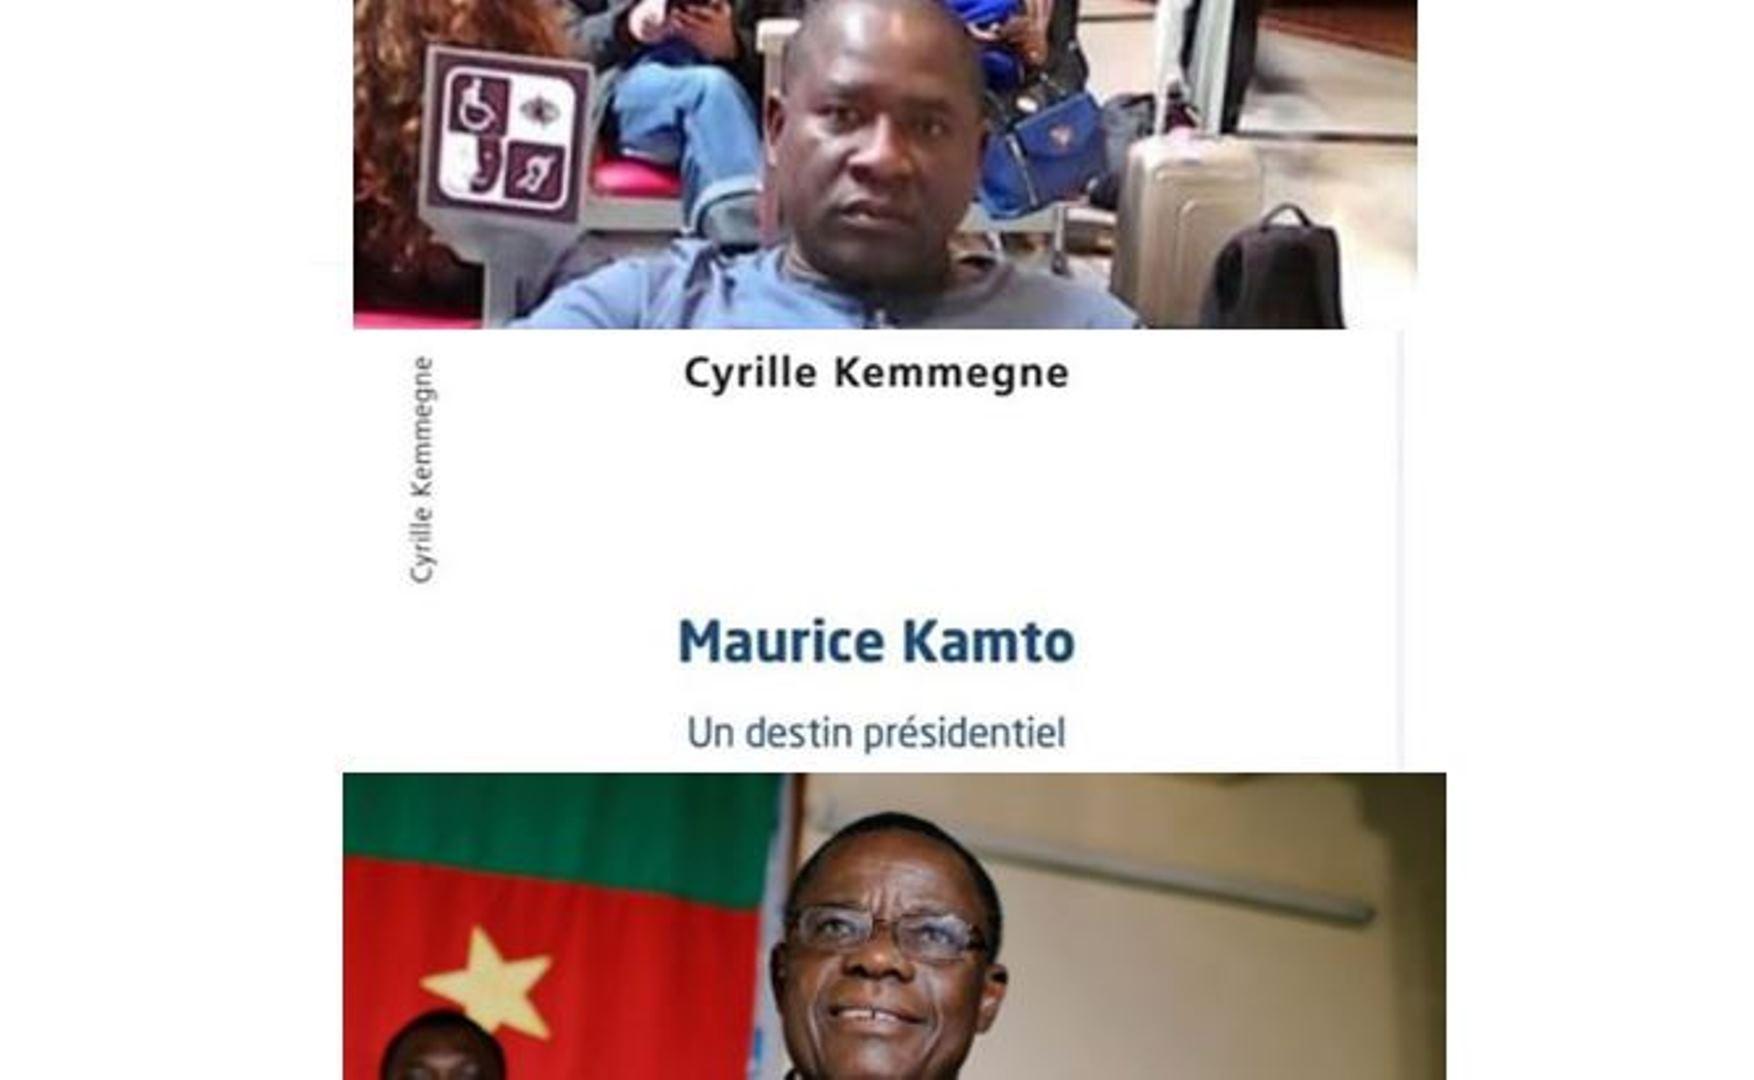 Après un livre sur Paul Biya, Cyrille Kemmegne de la CRTV publie un ouvrage sur Maurice Kamto